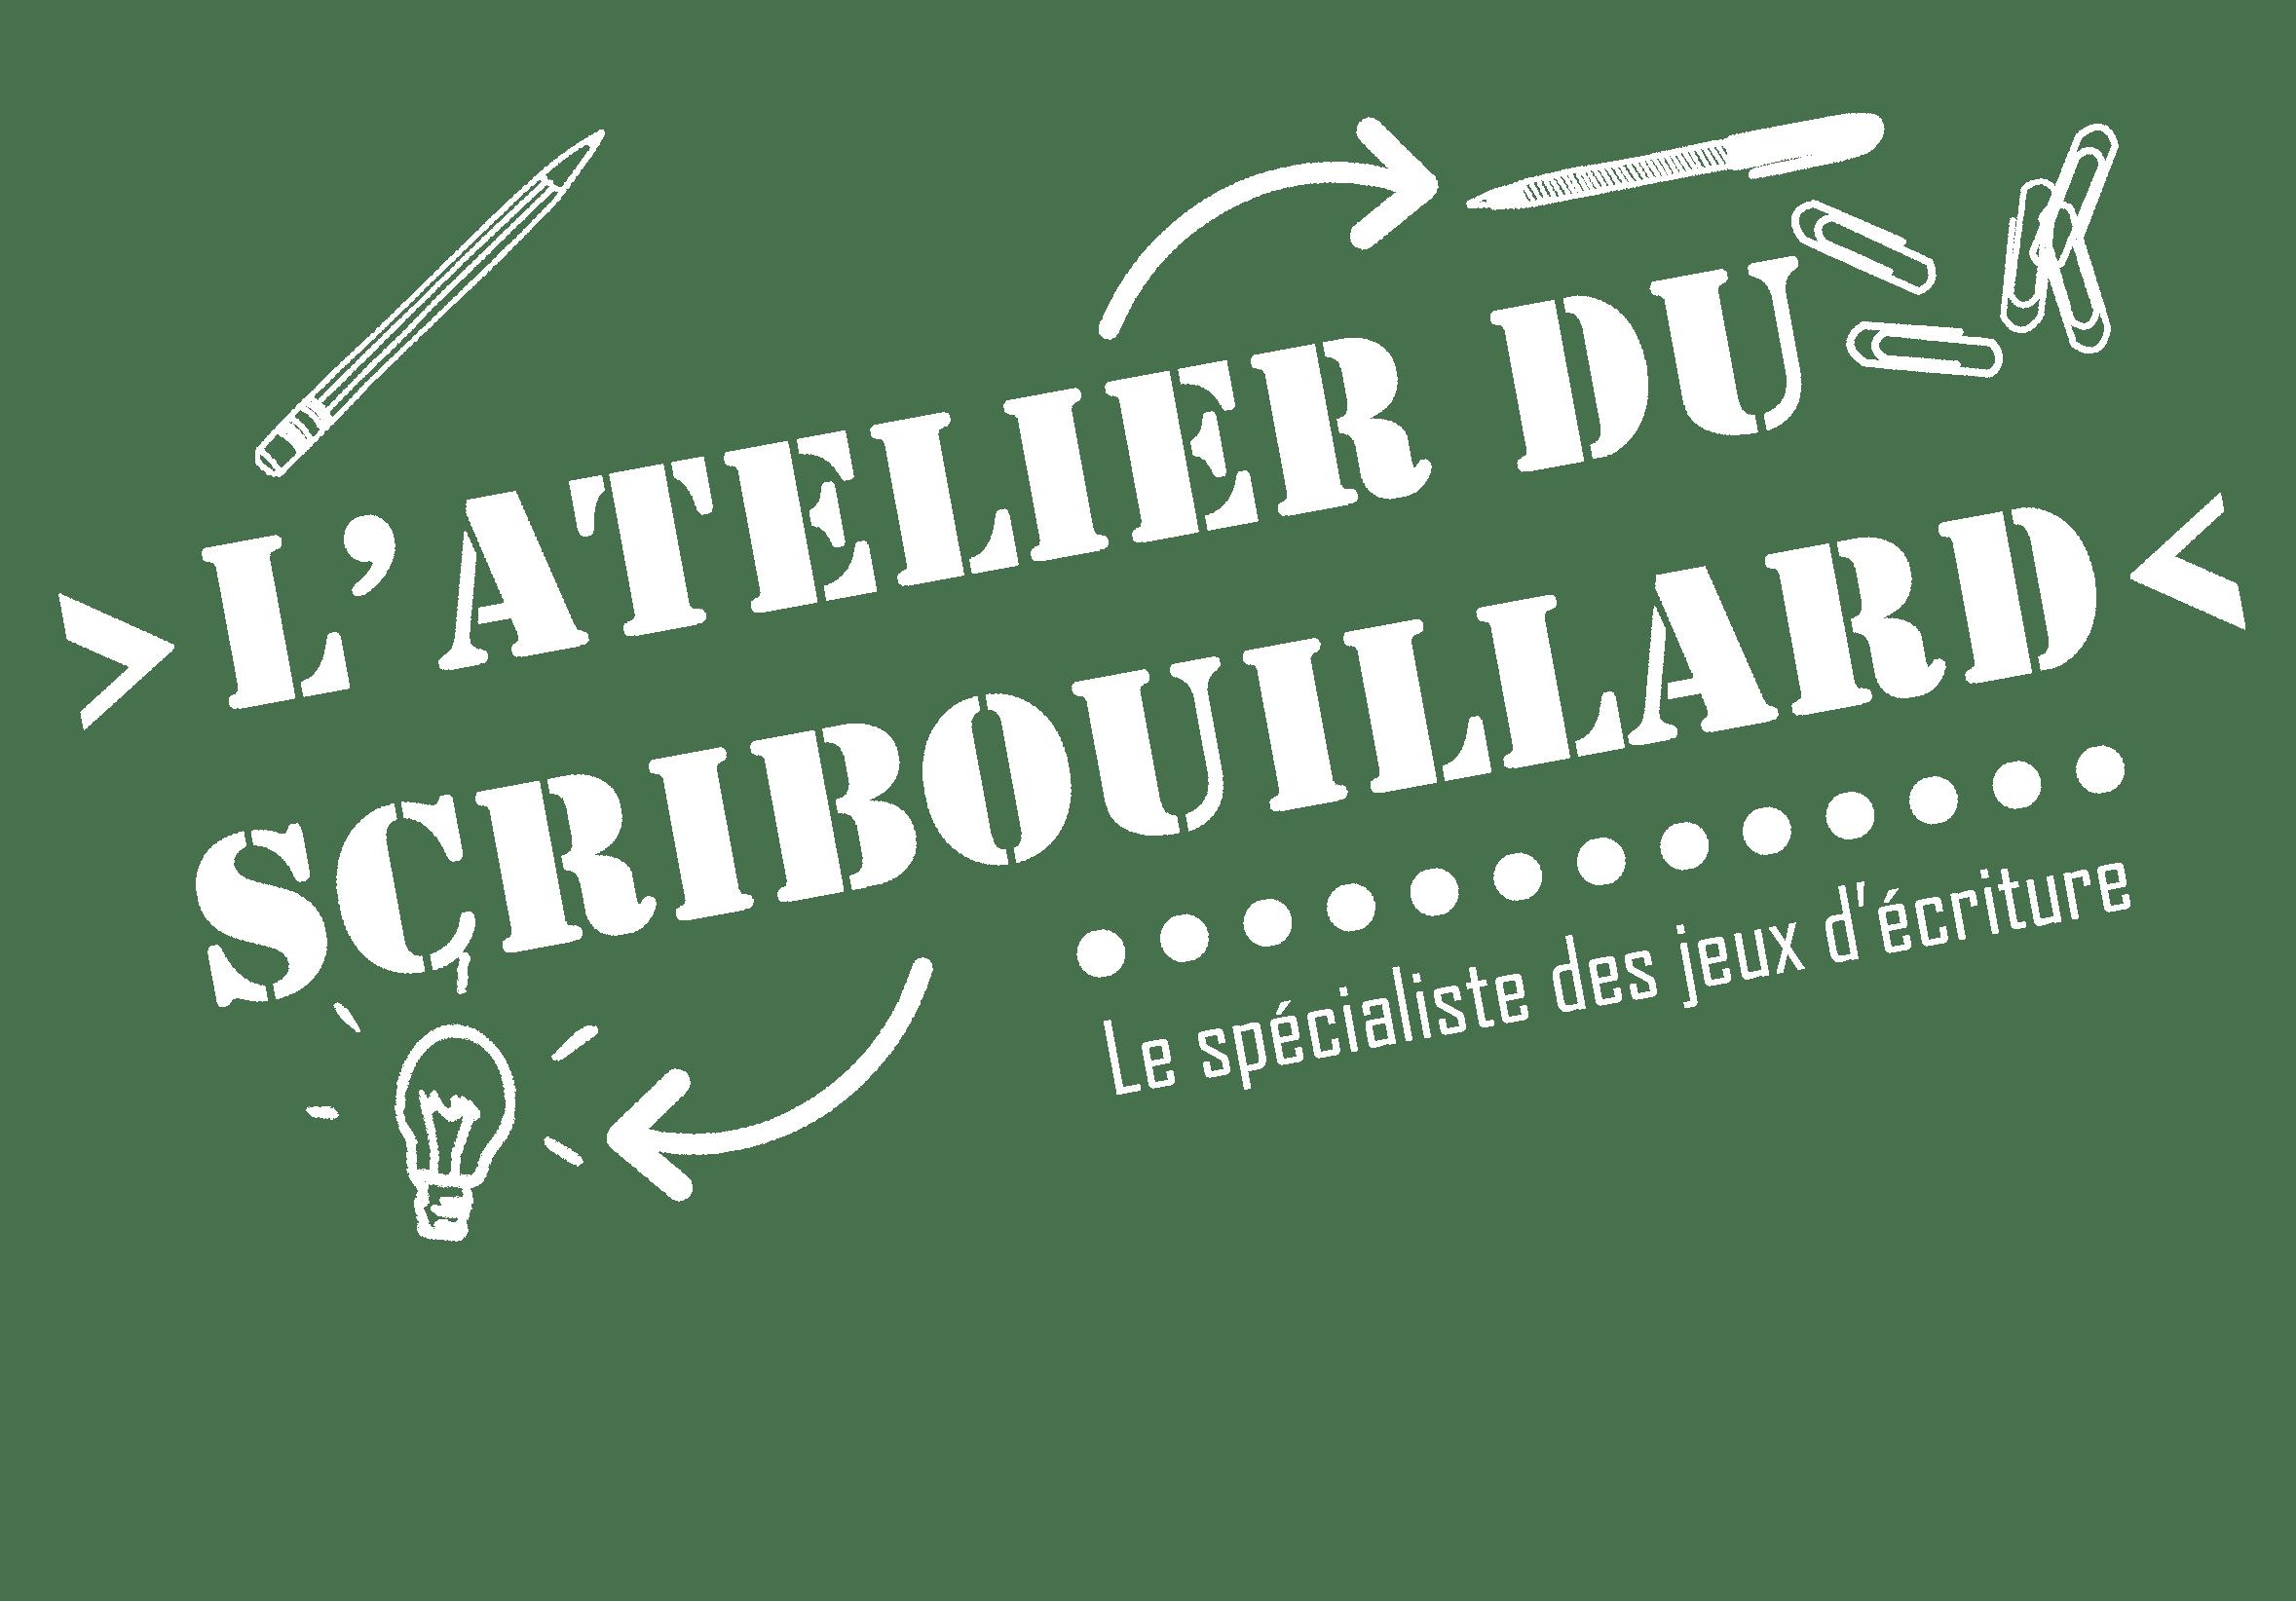 L'Atelier du Scribouillard